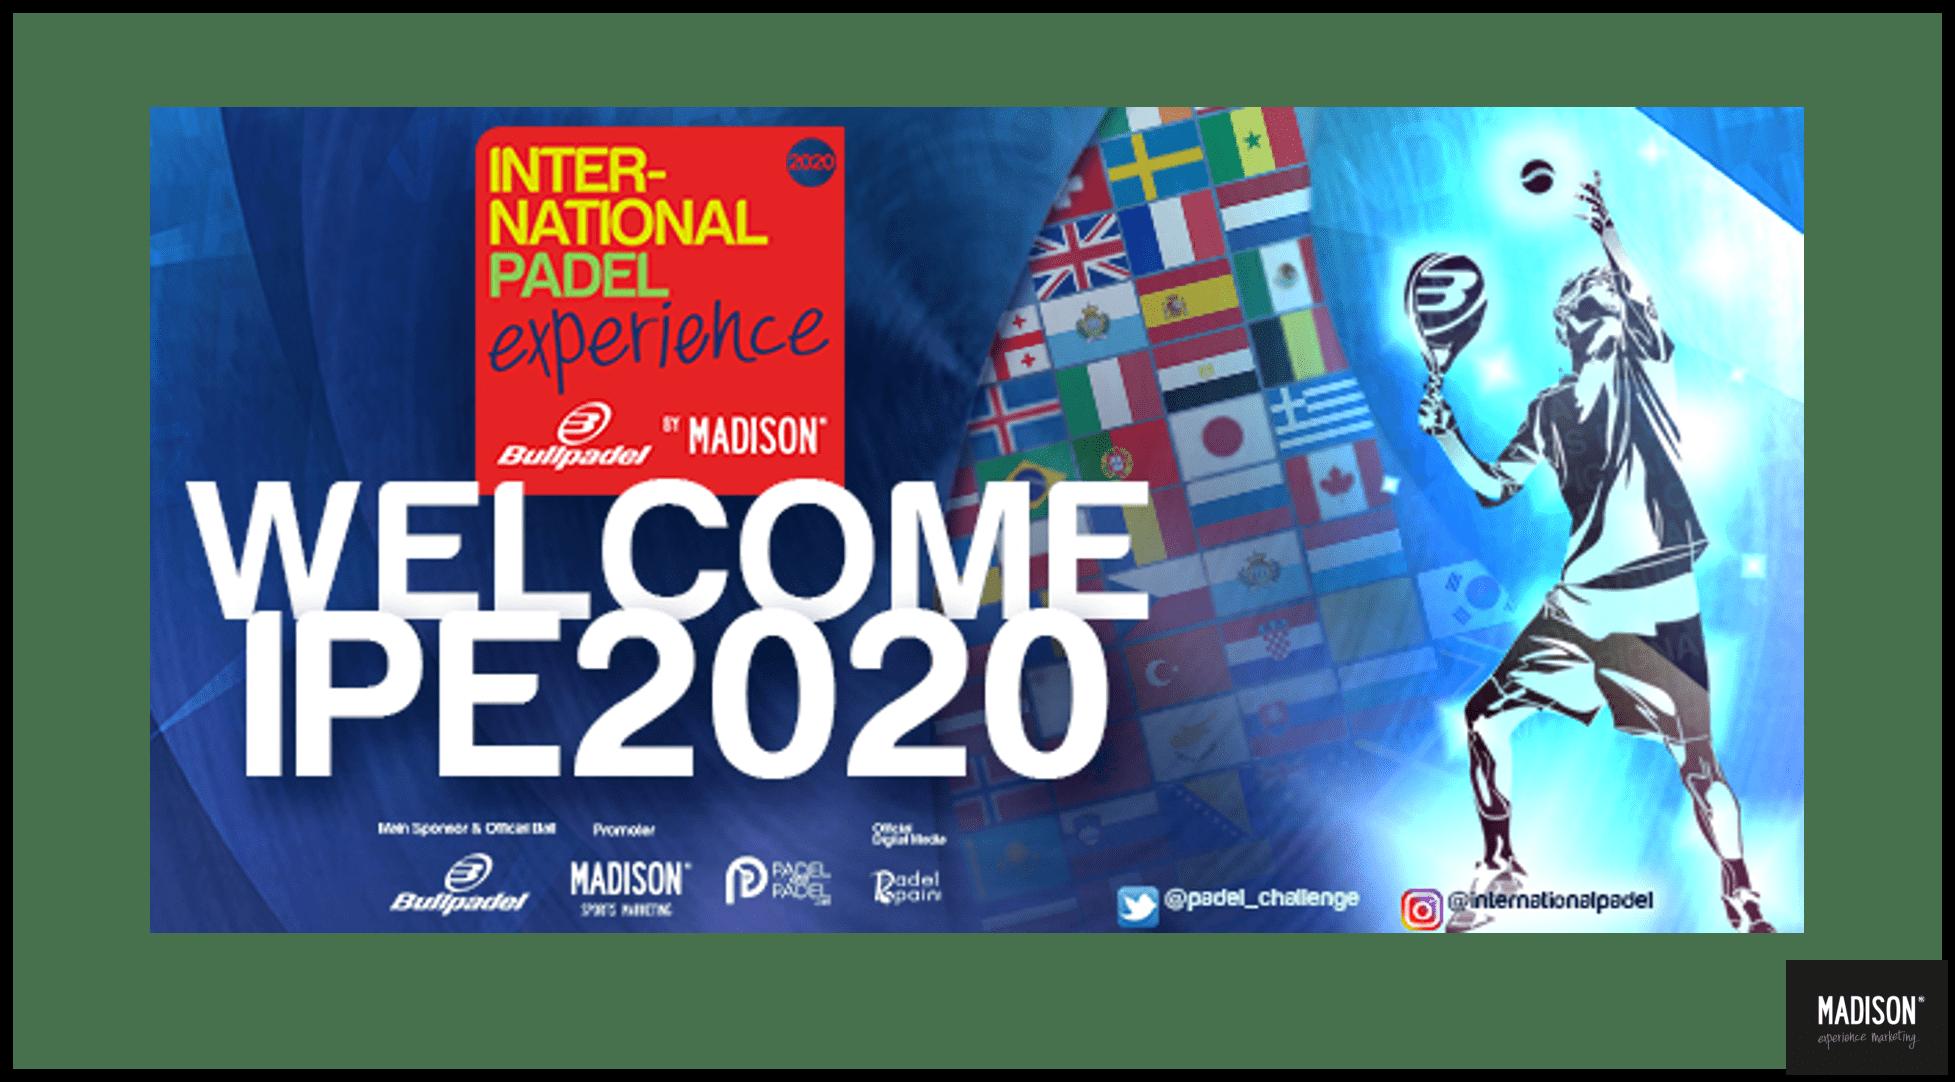 IPE Agosto 2020 madison